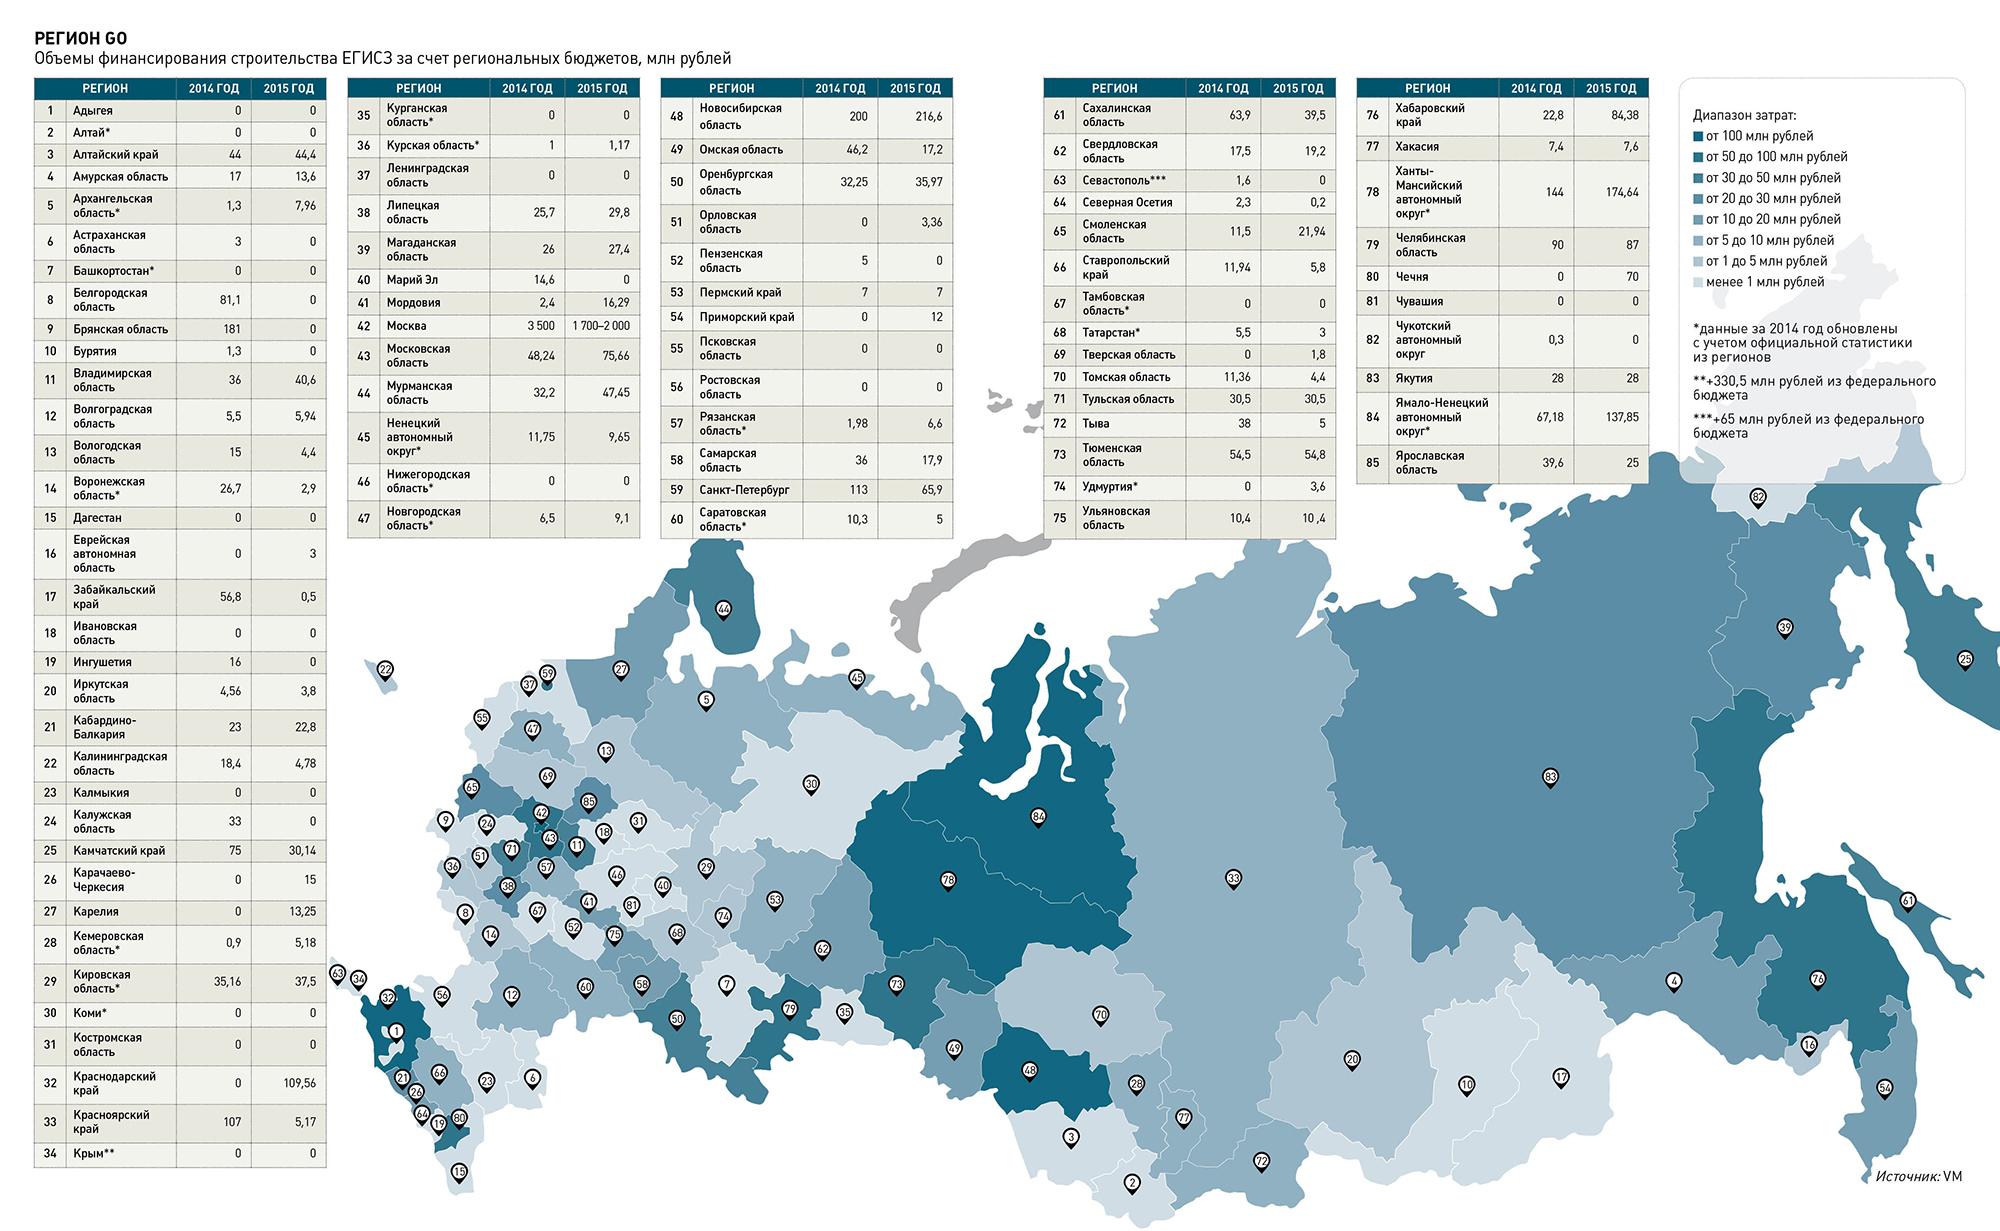 элемент картинка с кодами регионов россии ответ смеётся